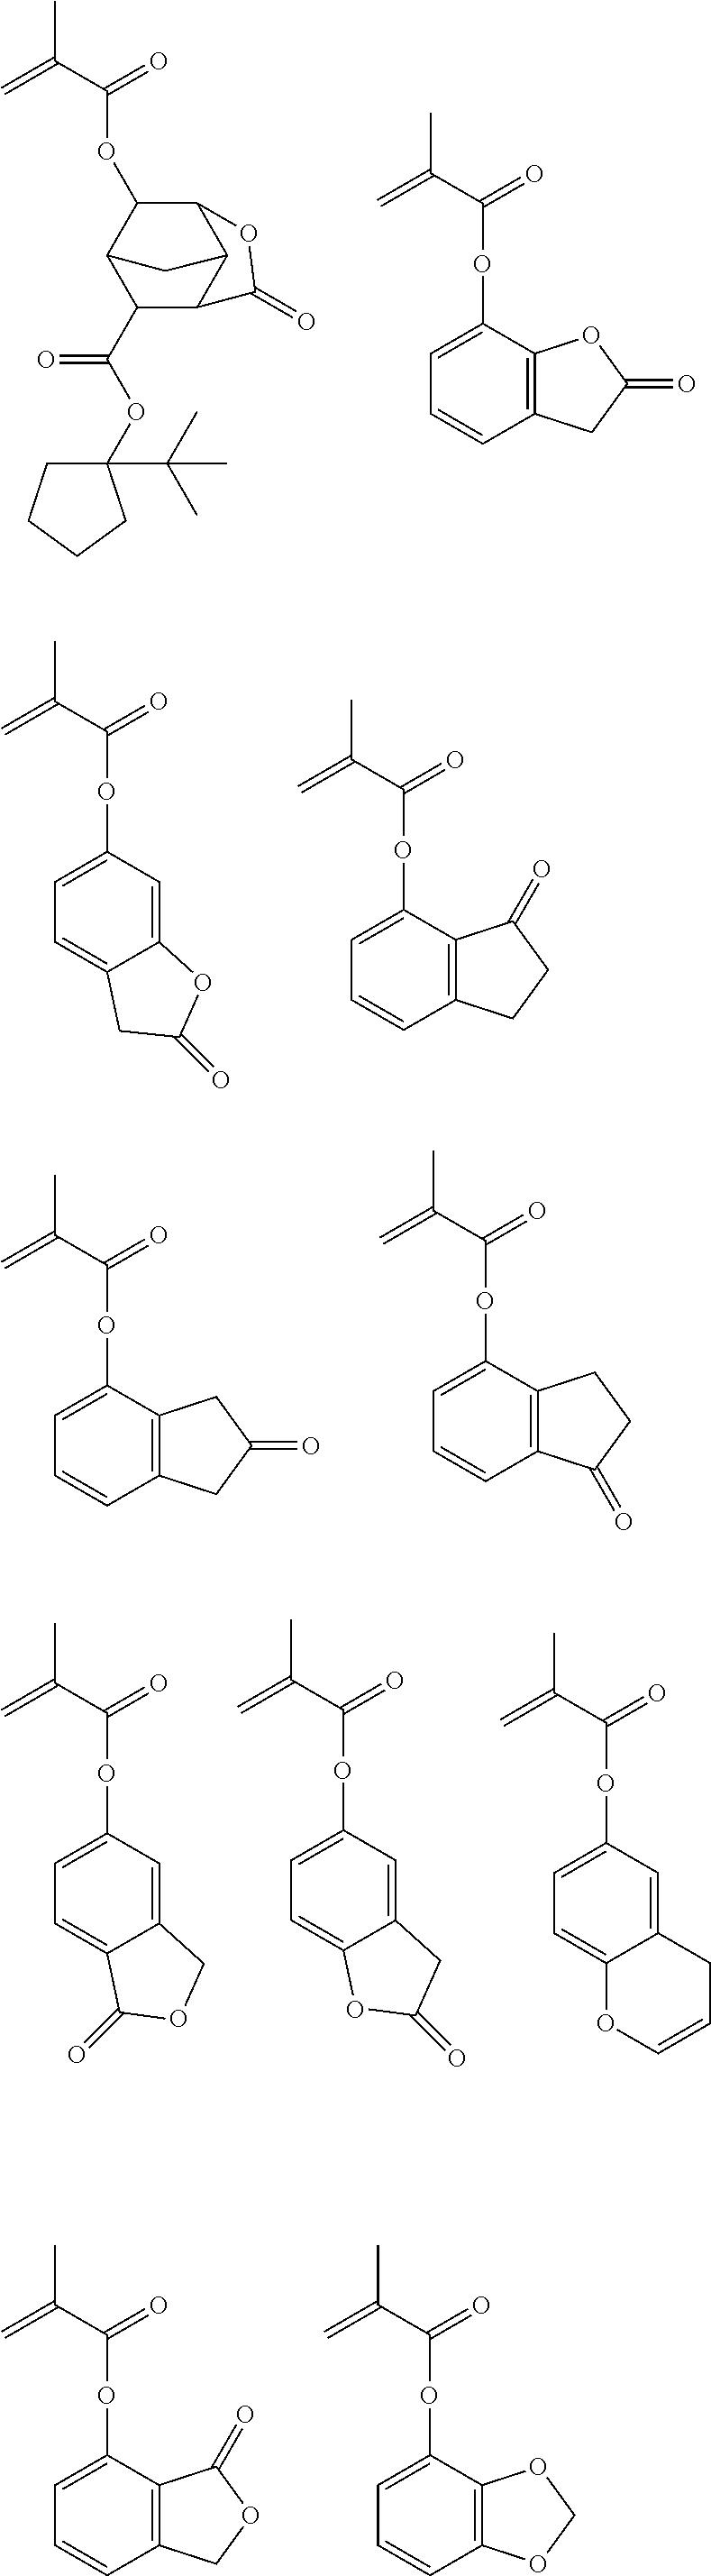 Figure US08822136-20140902-C00073